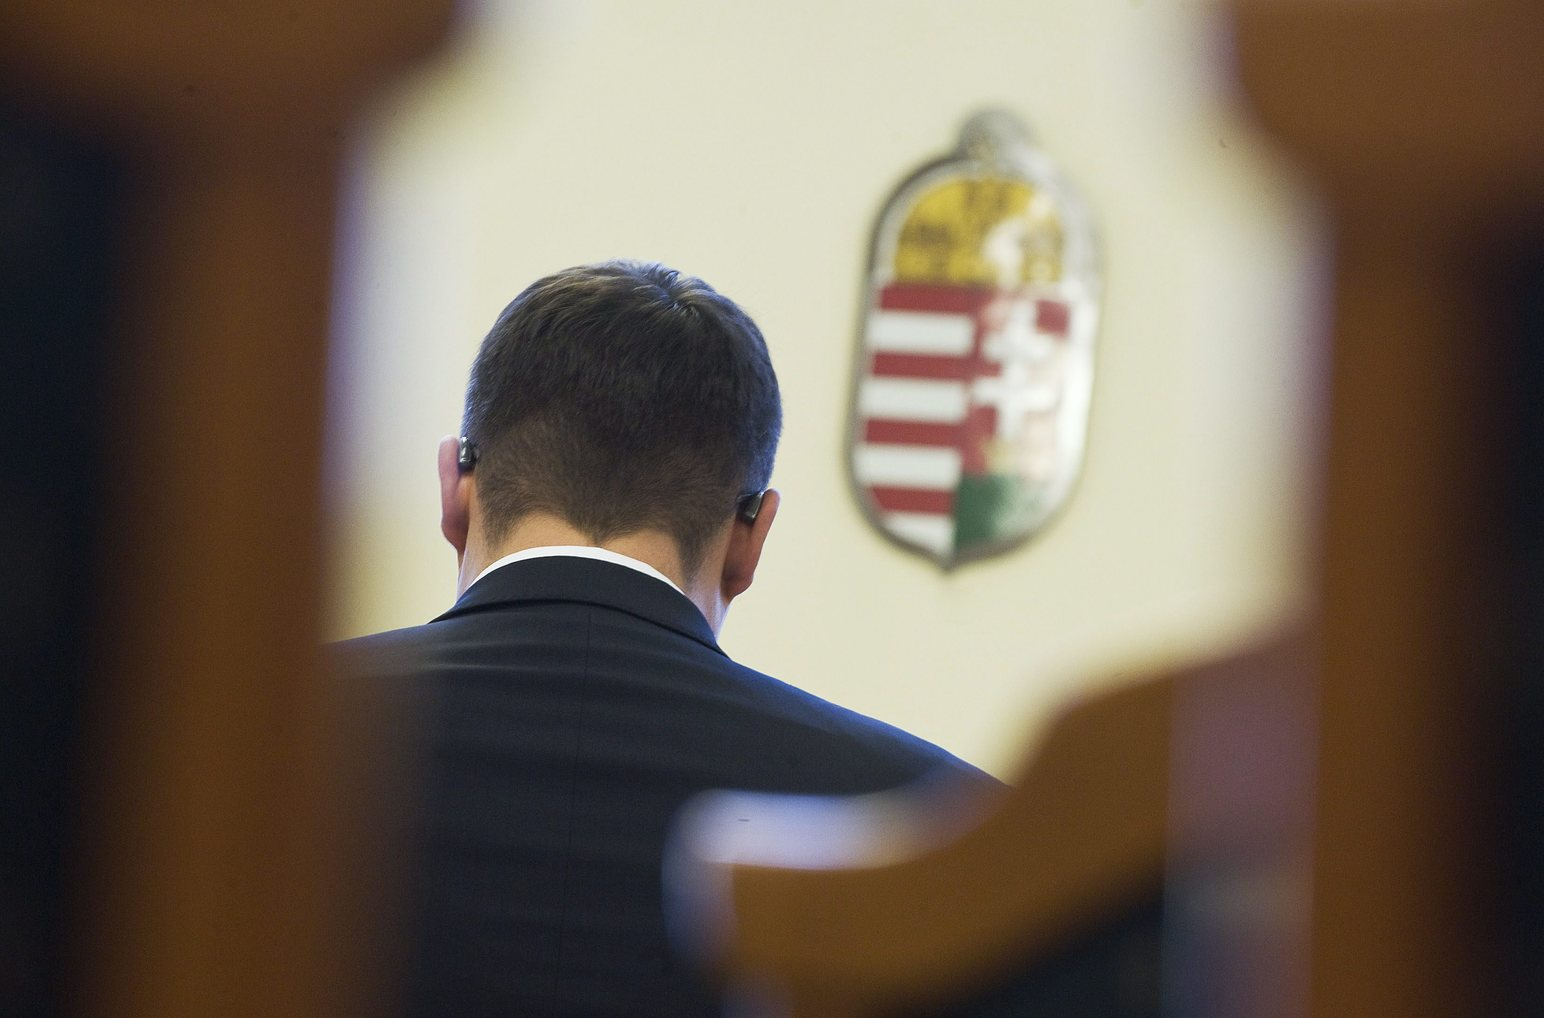 Kecskemét, 2012. október 2. Hagyó Miklós, Budapest egykori szocialista főpolgármester-helyettese (háttal) ül a vádlottak padján a Kecskeméti Törvényszék tárgyalótermében az ellene és 14 társa ellen folyó büntetőper tárgyalásán 2012. október 2-án. MTI Fotó: Ujvári Sándor